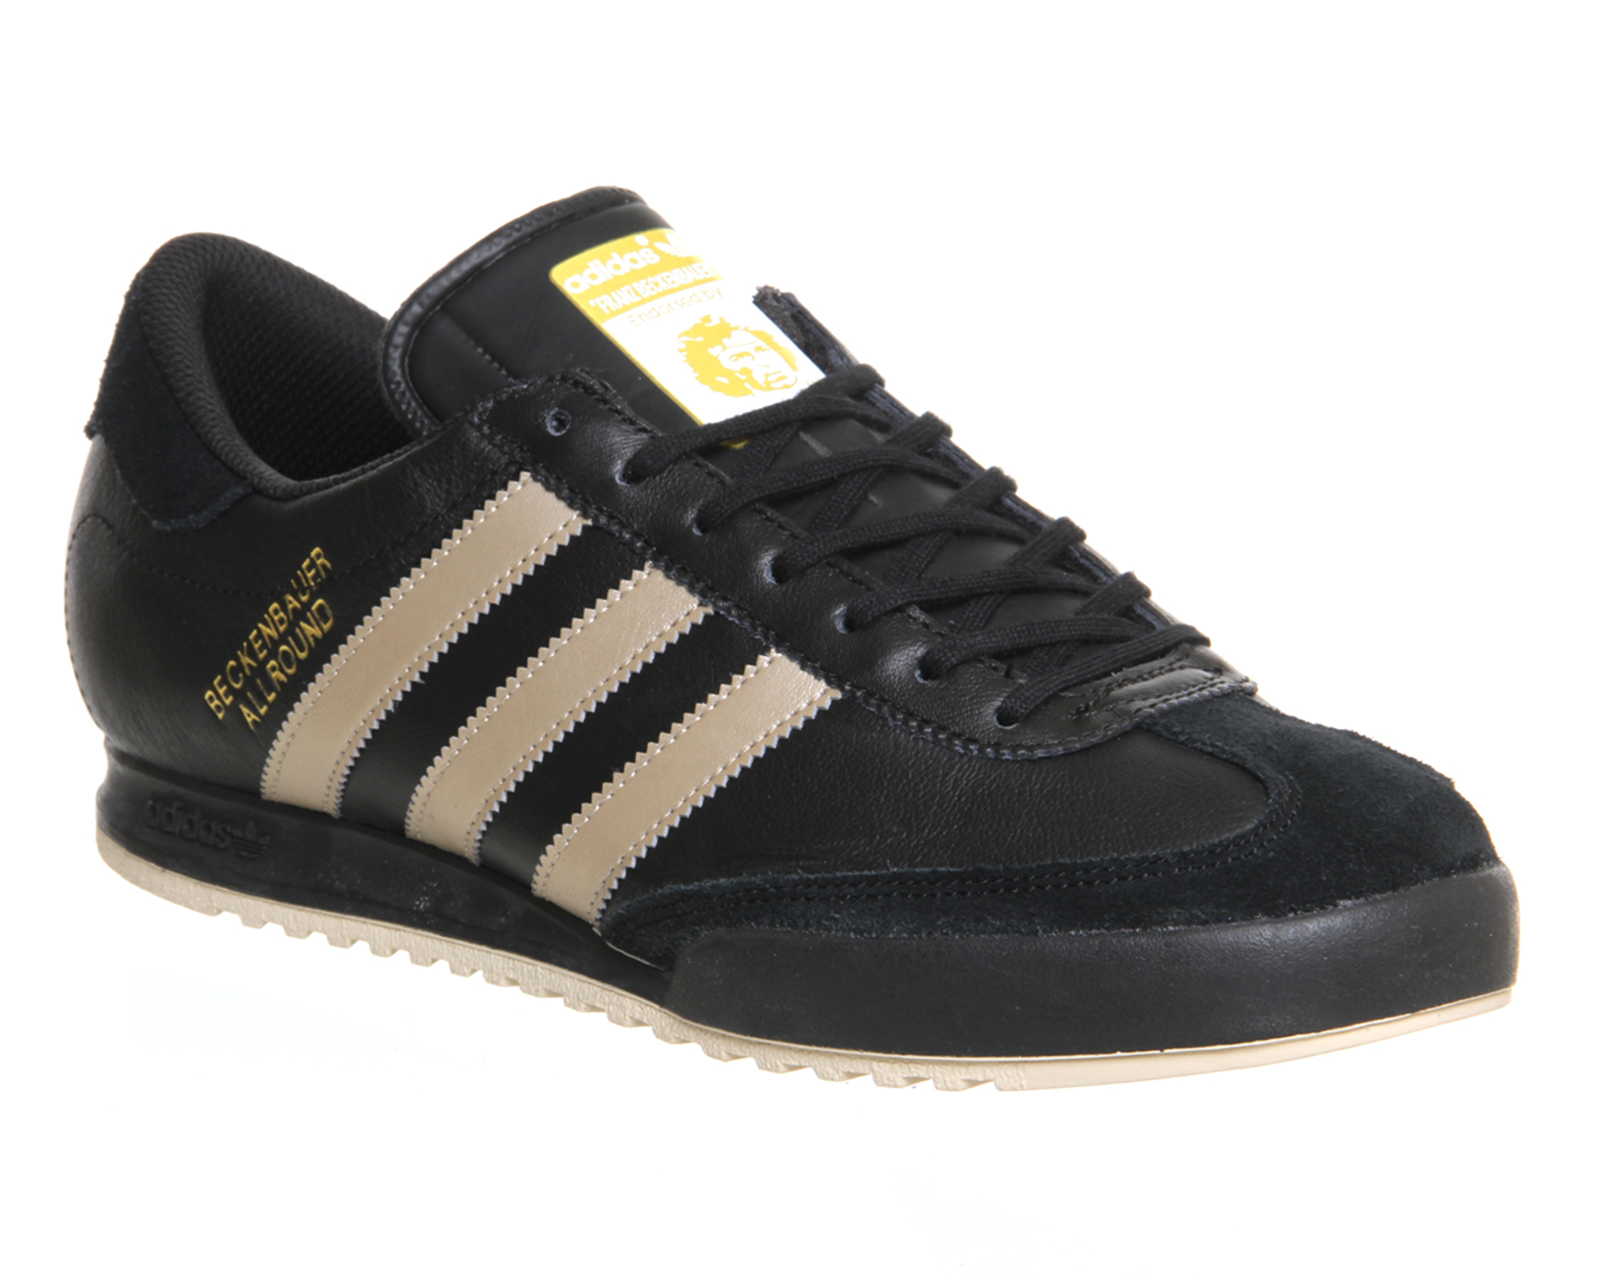 adidas beckenbauer chaussure